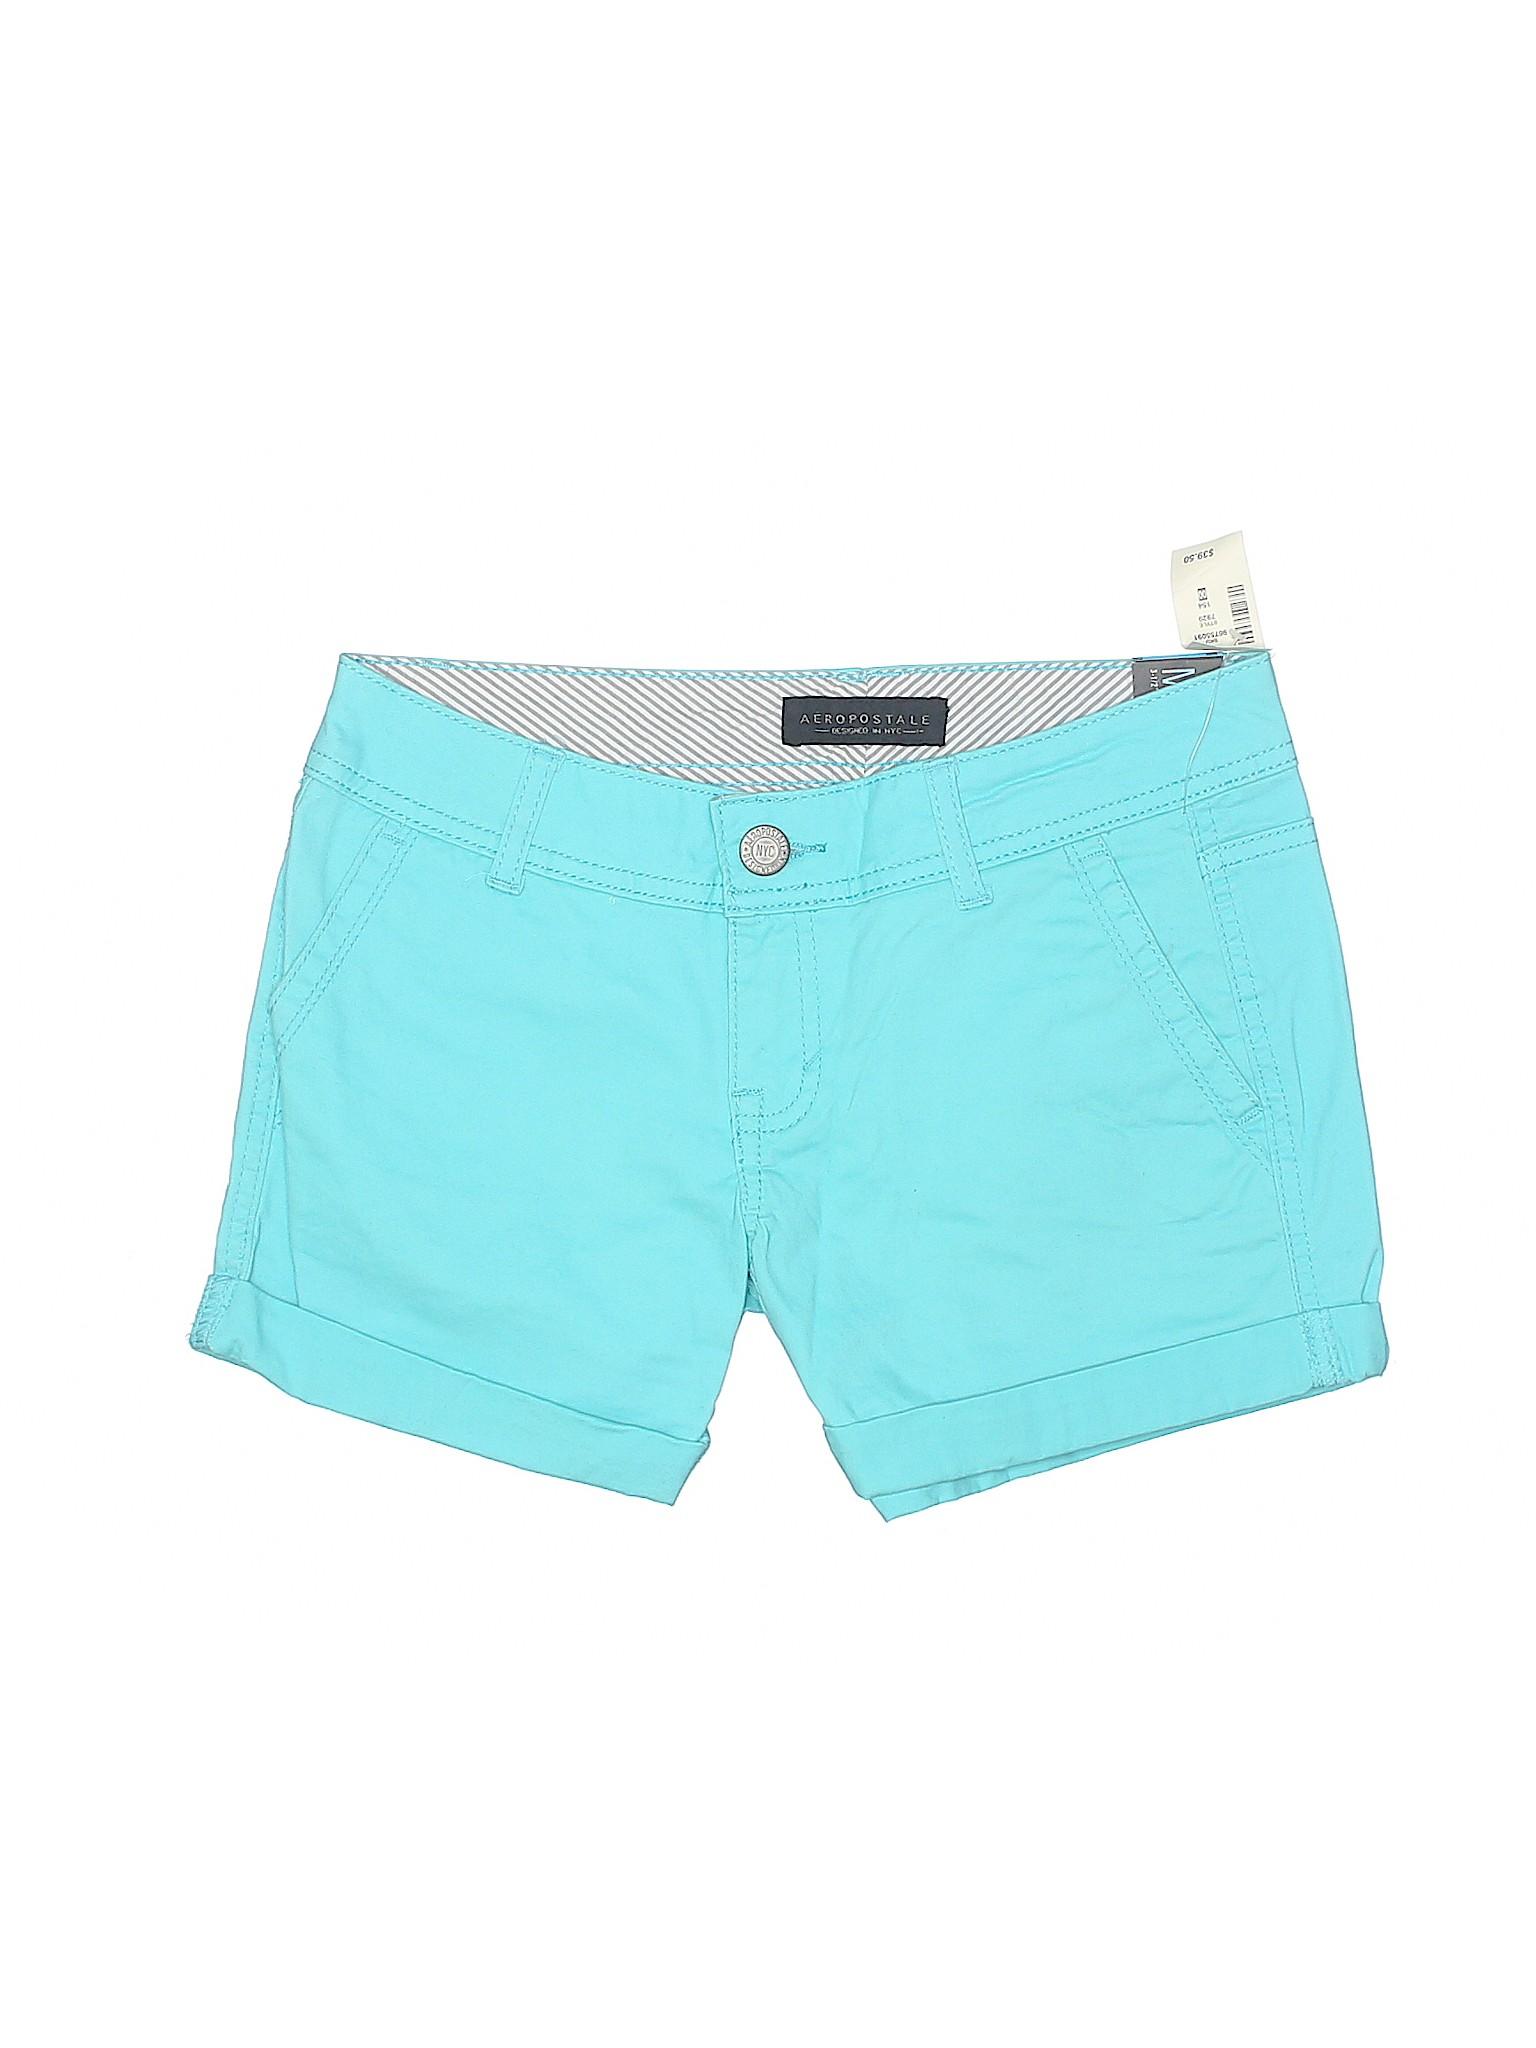 Shorts Shorts Khaki Aeropostale Aeropostale Boutique Boutique leisure leisure Khaki Hzfx8dw